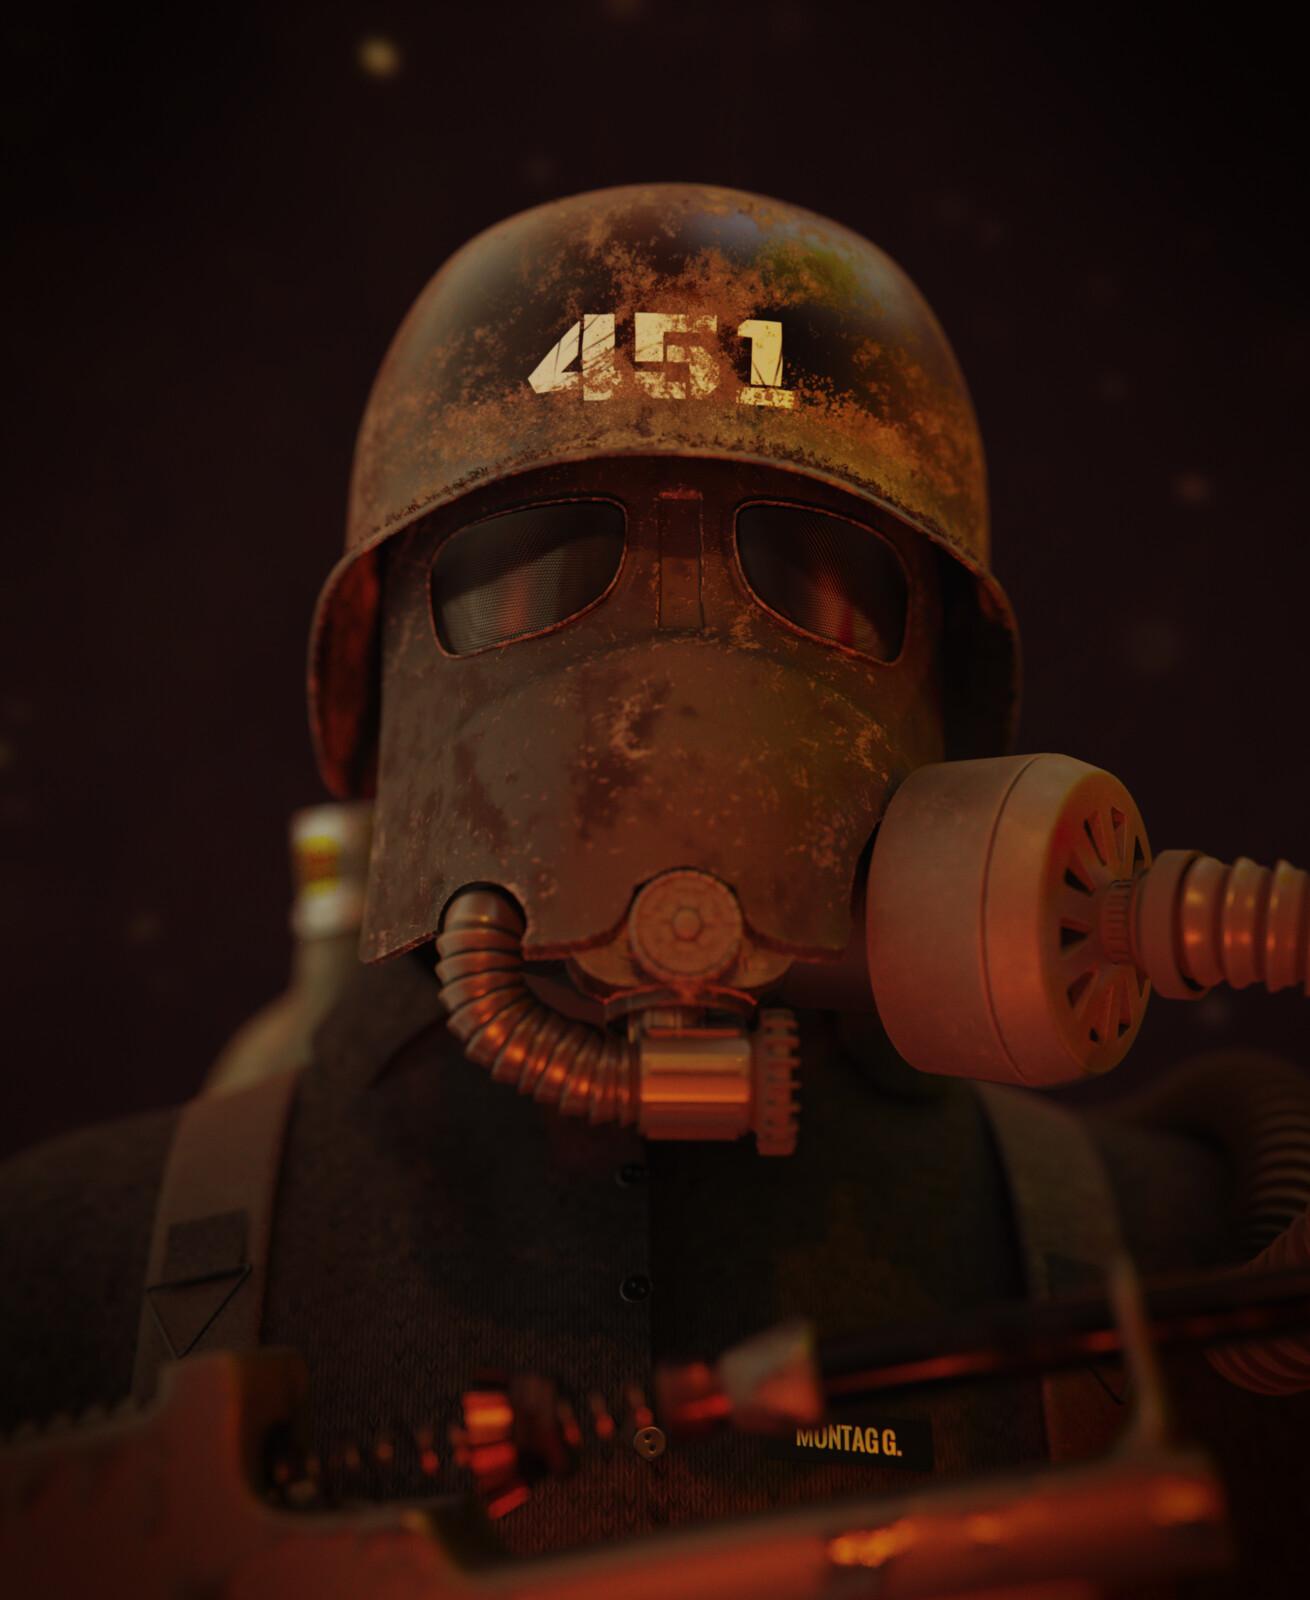 Fahrenheit 451 - Guy Montag